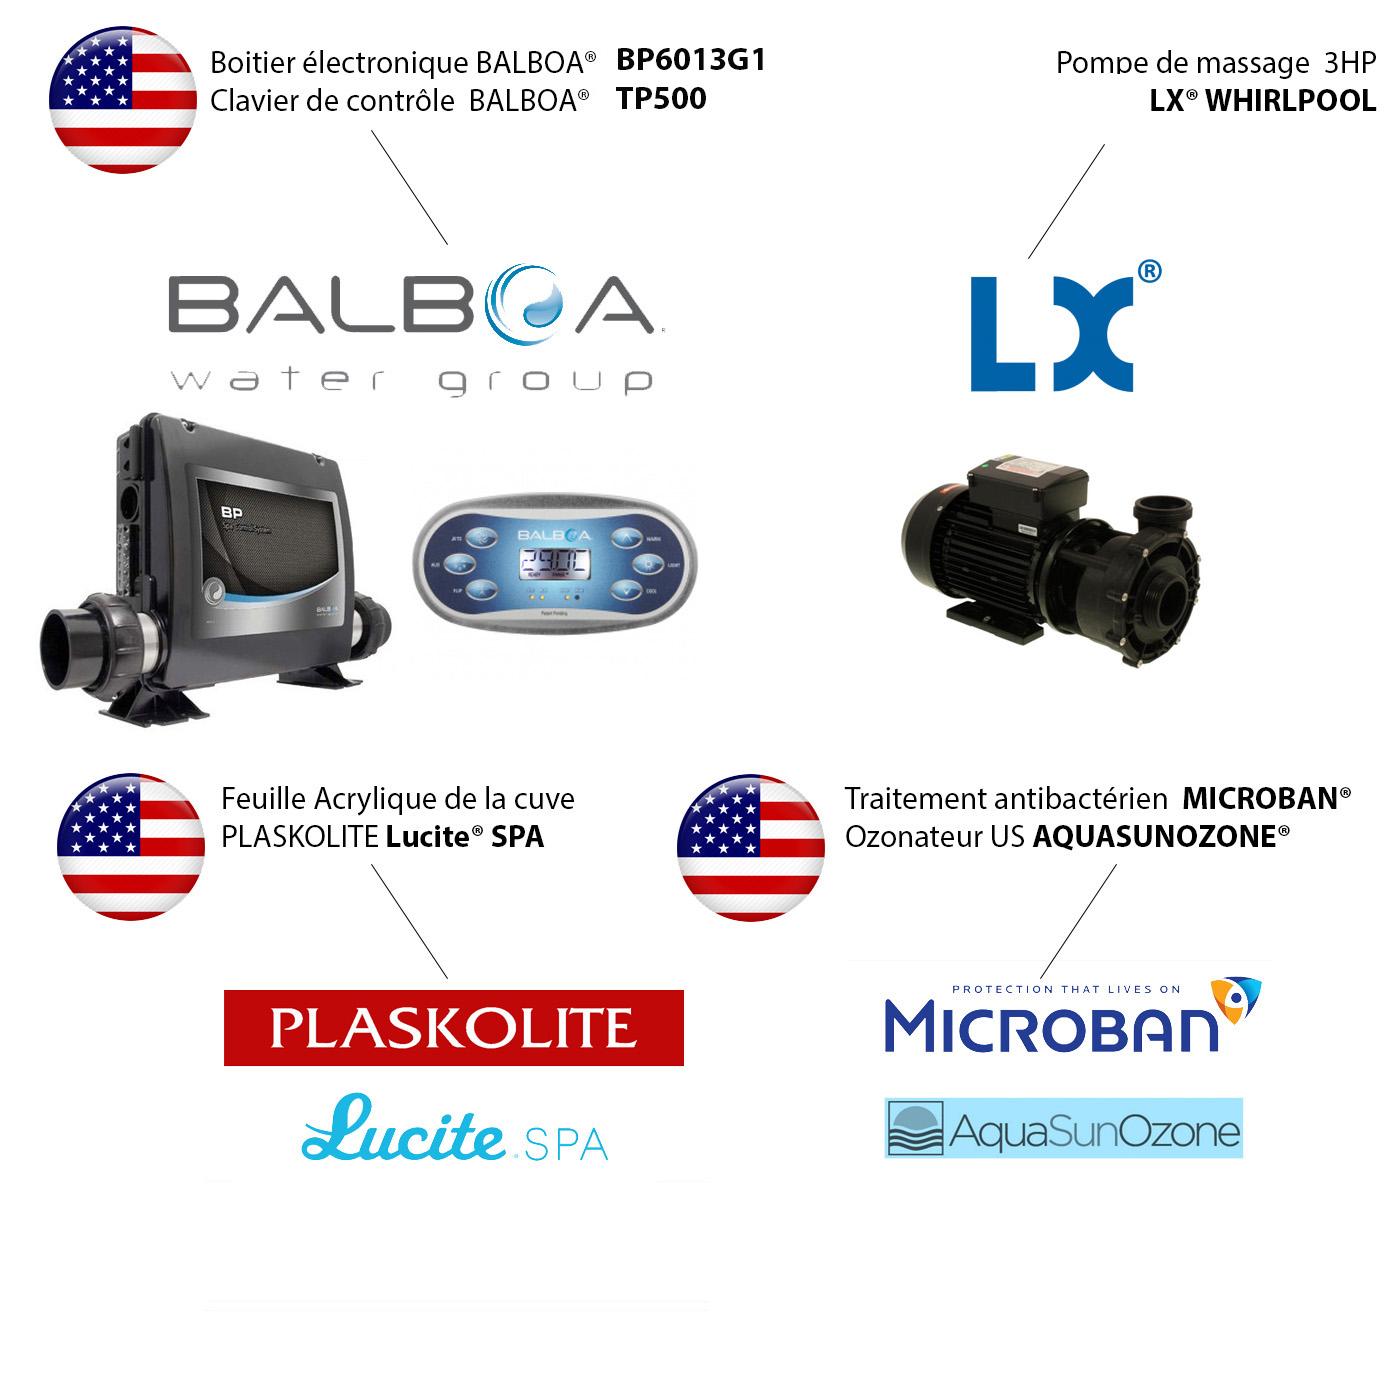 Composants du spa Archipel, gamme RELAXATION